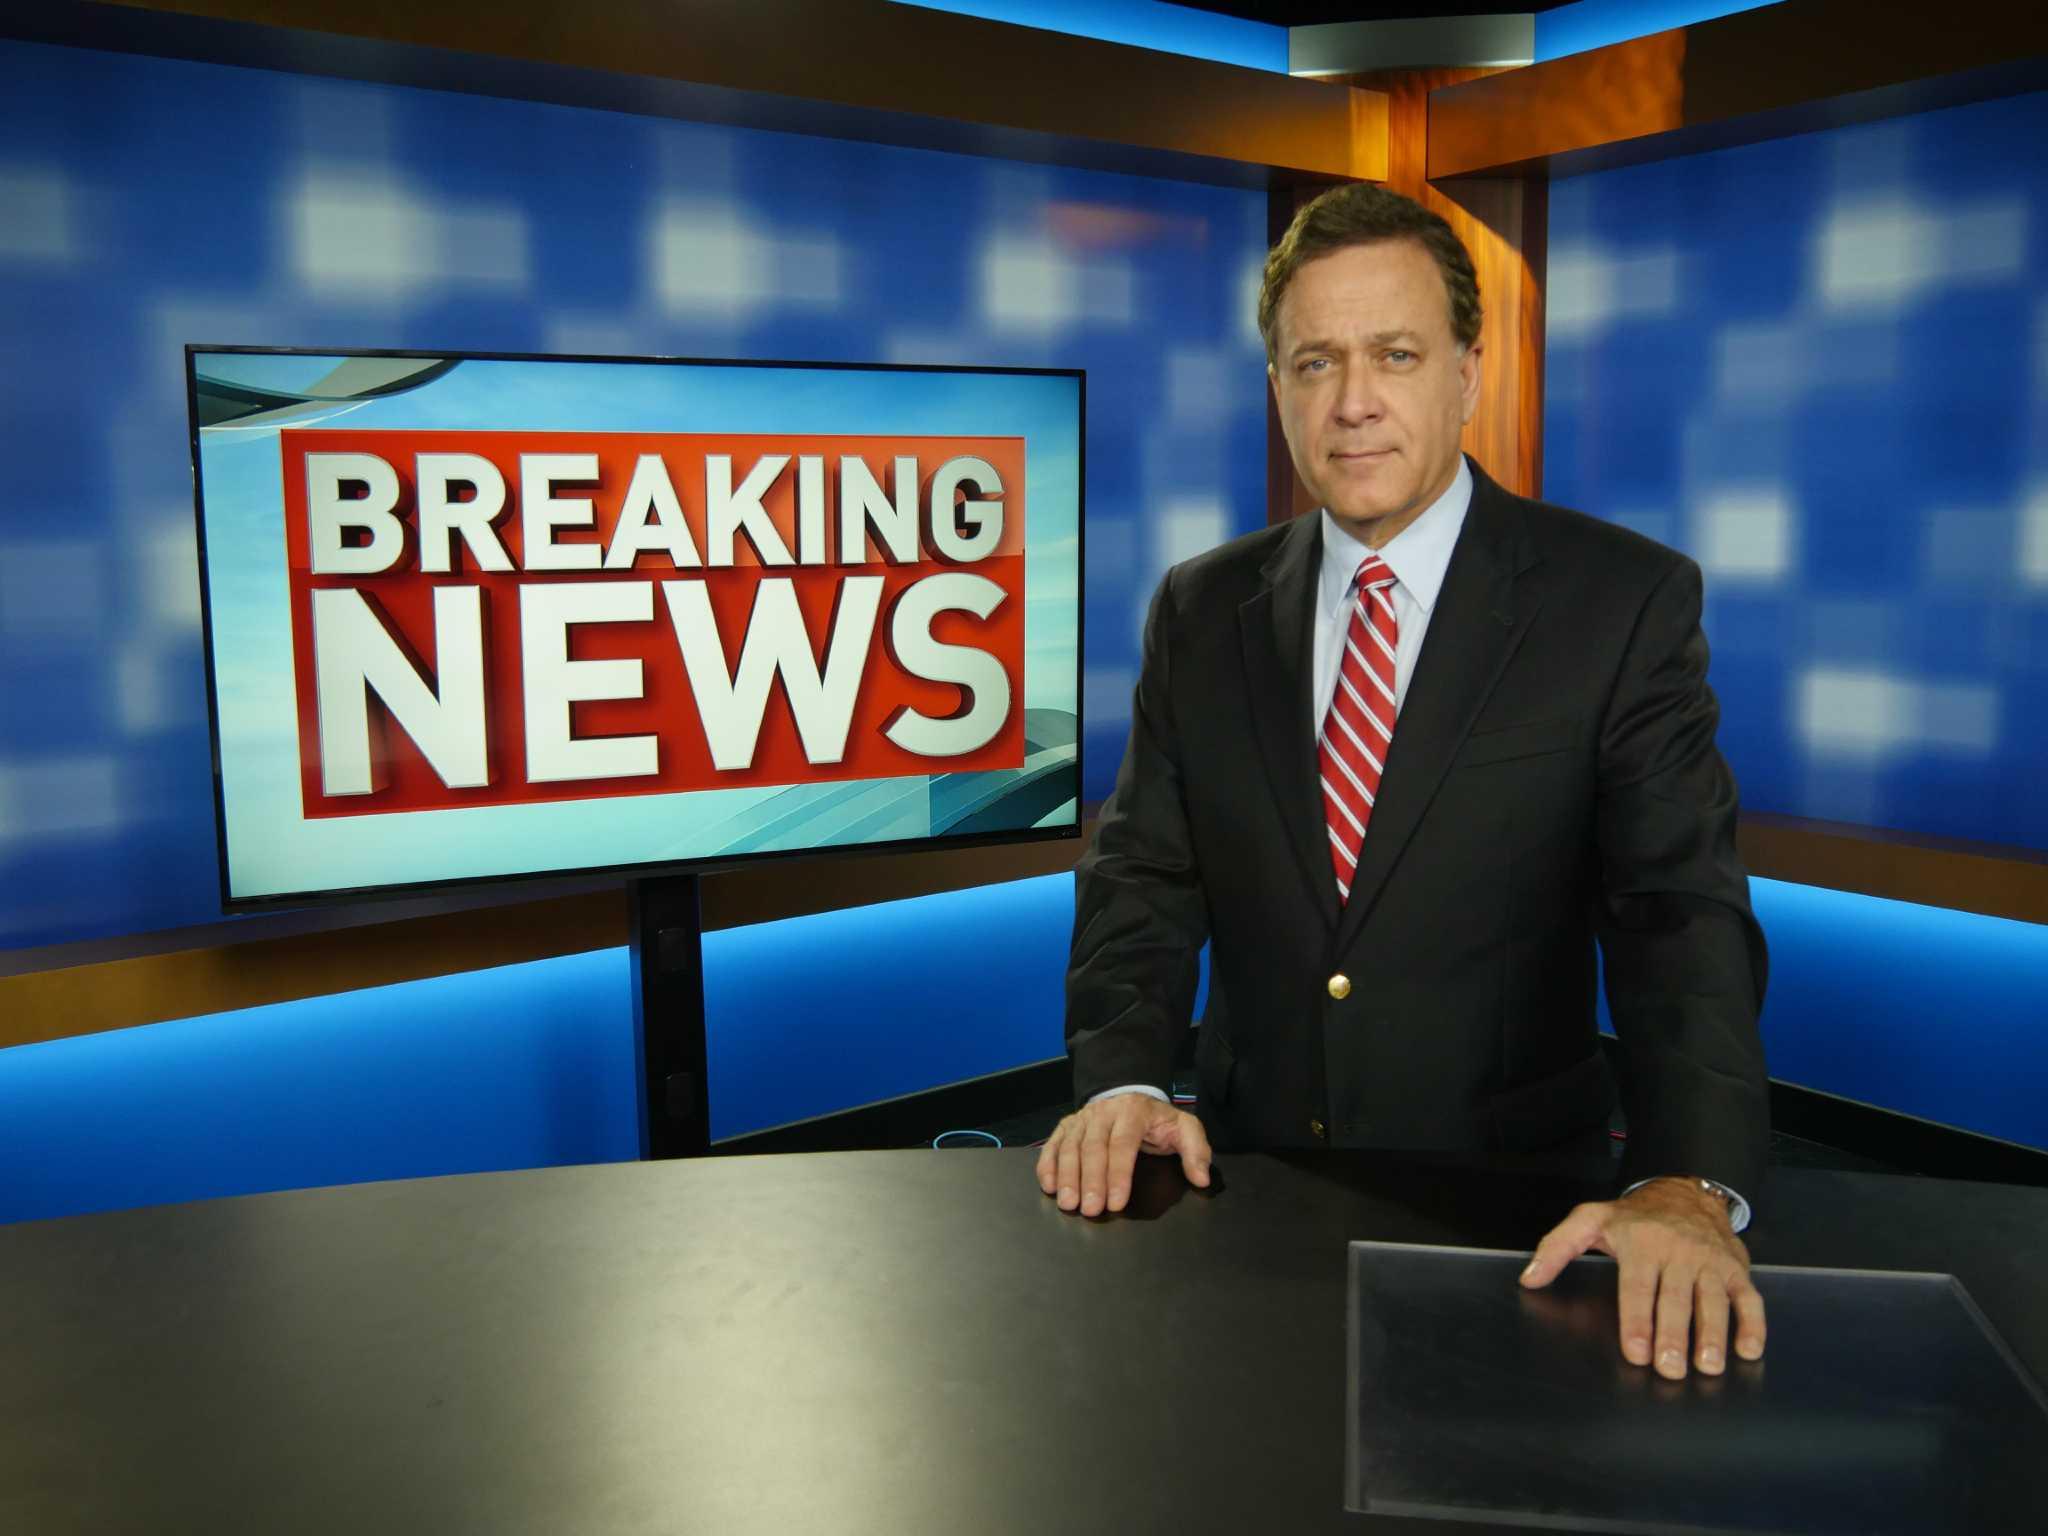 heavy favouri breaking news - HD2048×1536